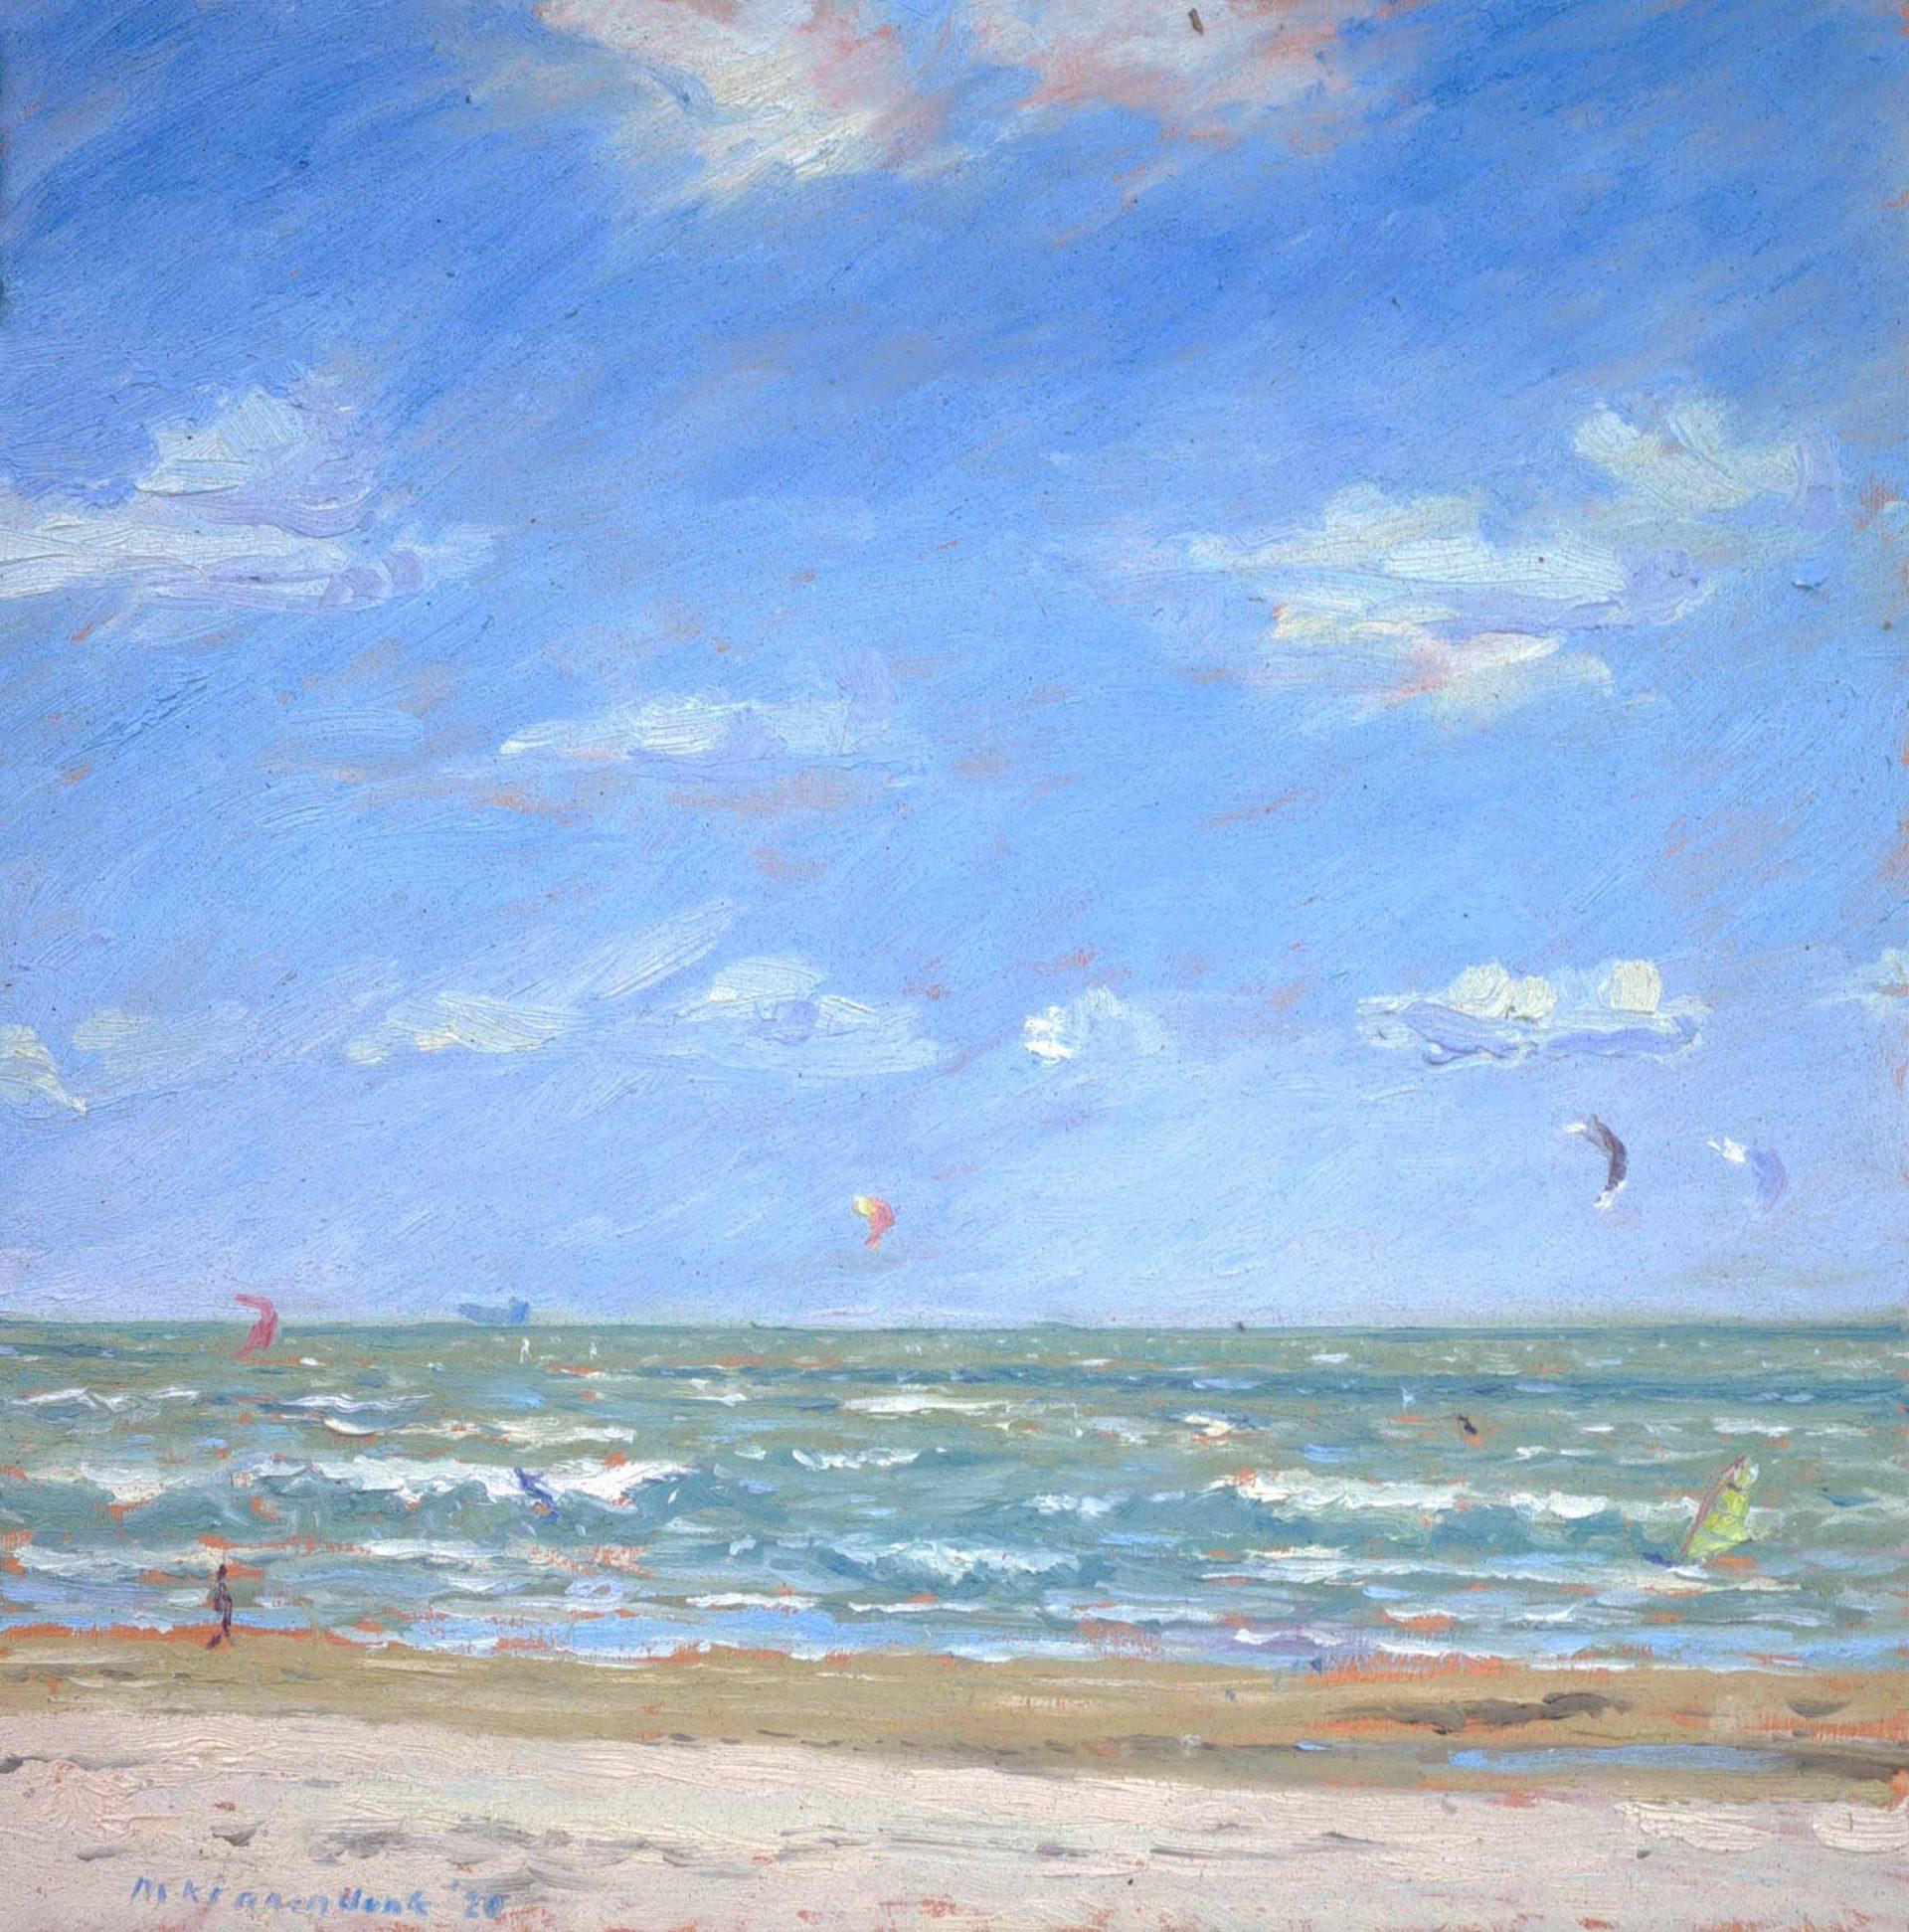 Olieverfschilderij van zee met hoge golven harde wind en byte surfers impressionistisch Nederlands strandgezicht realisme